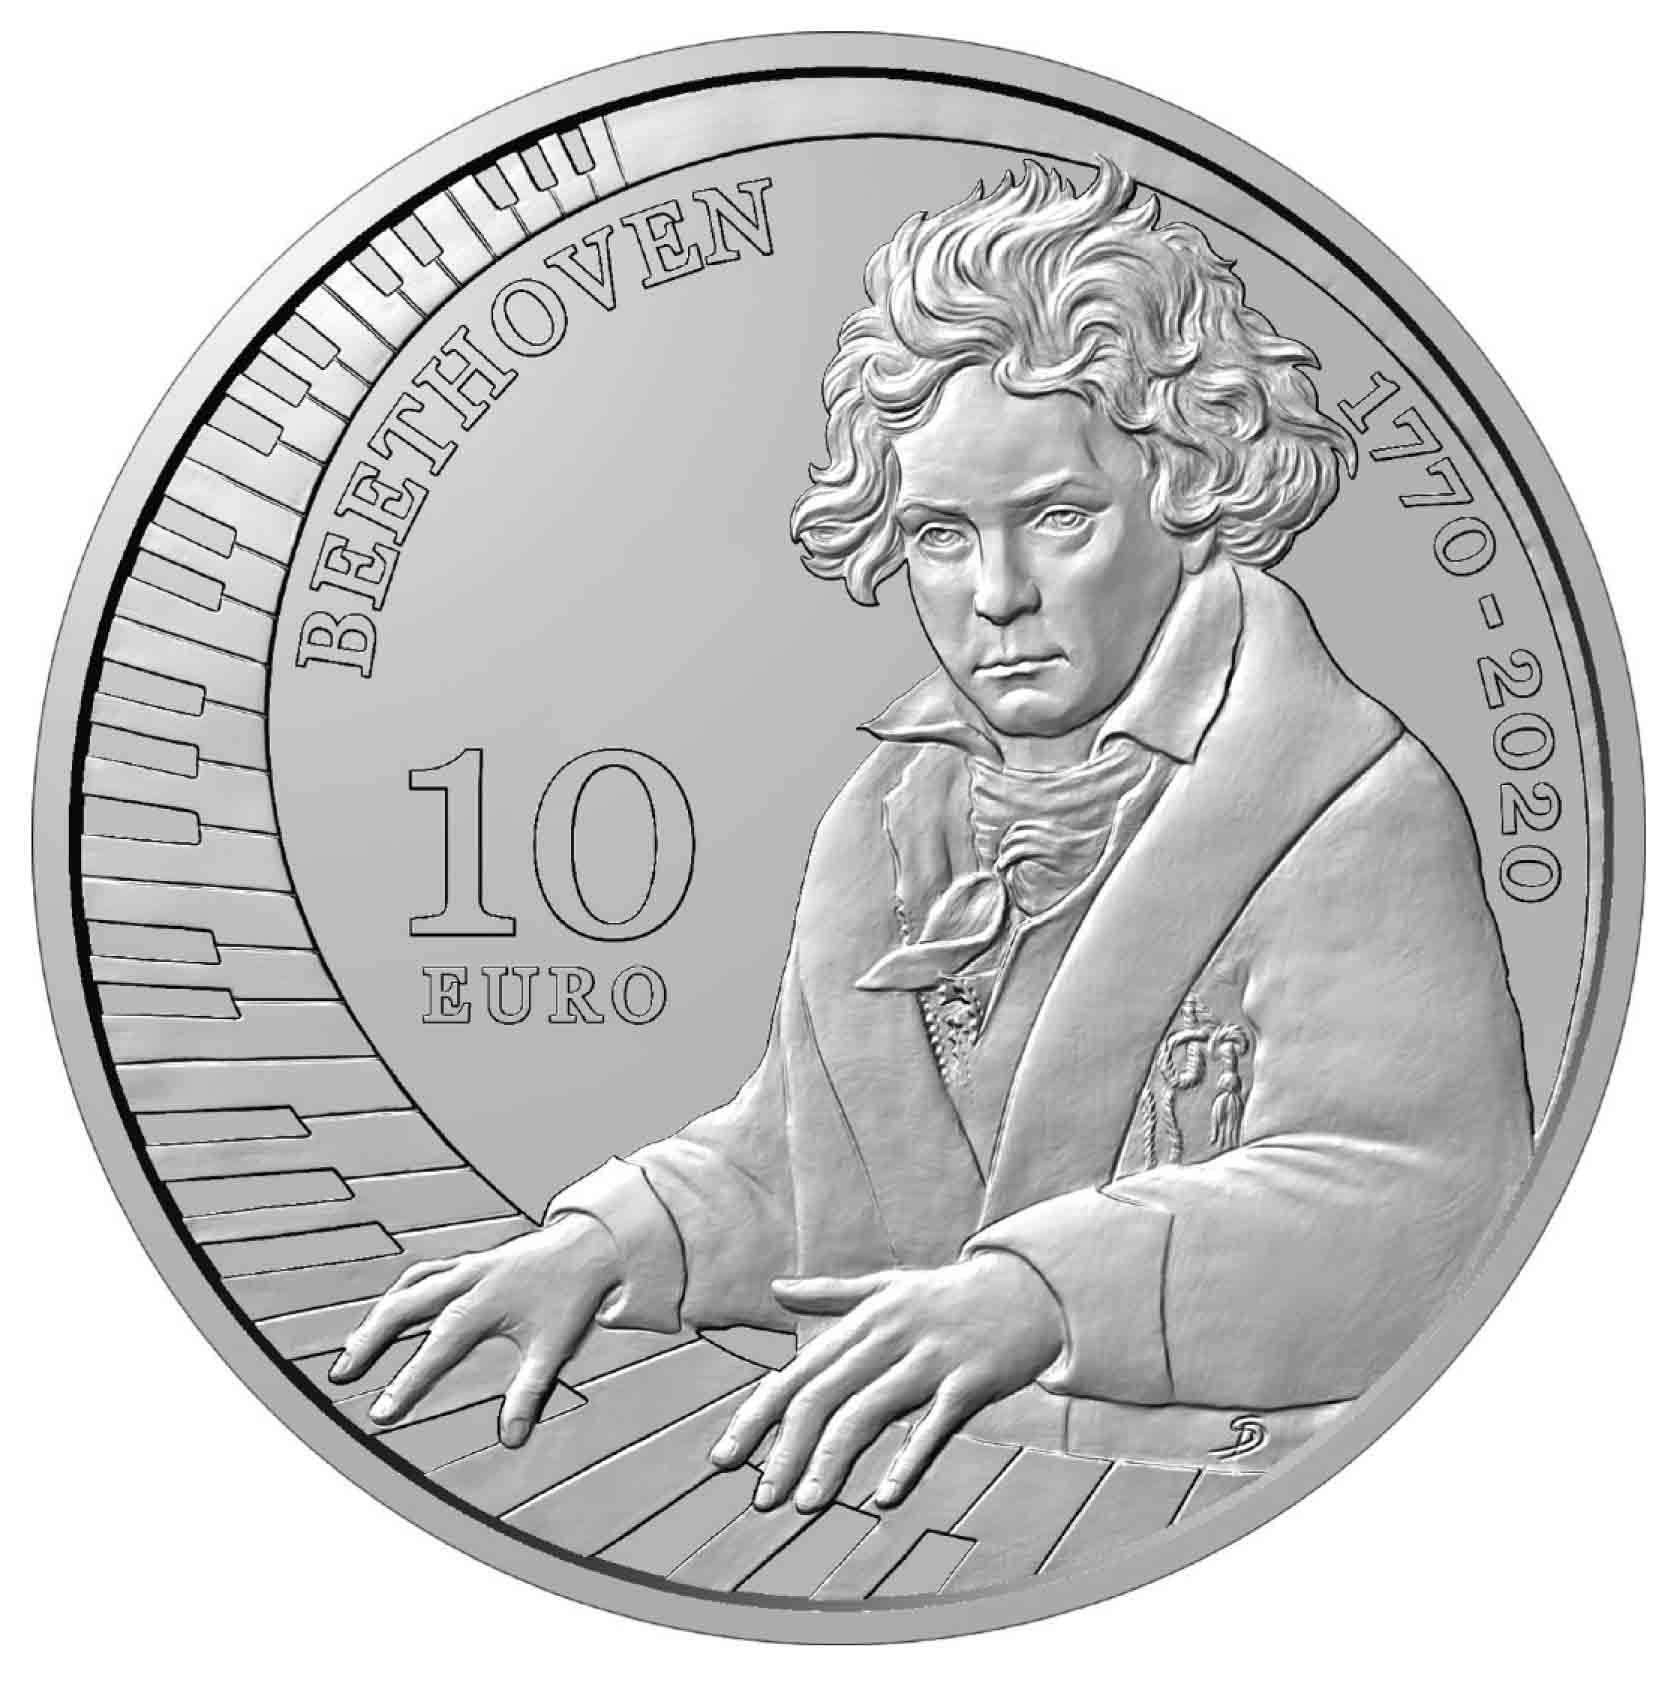 Spiccano le mani e lo sguardo in questo ritratto di Beethoven modellato da Sandra Deiana e scelto da San Marino per i 10 euro in argento proof del 2020, nel 250° anniversario della nascita del compositore